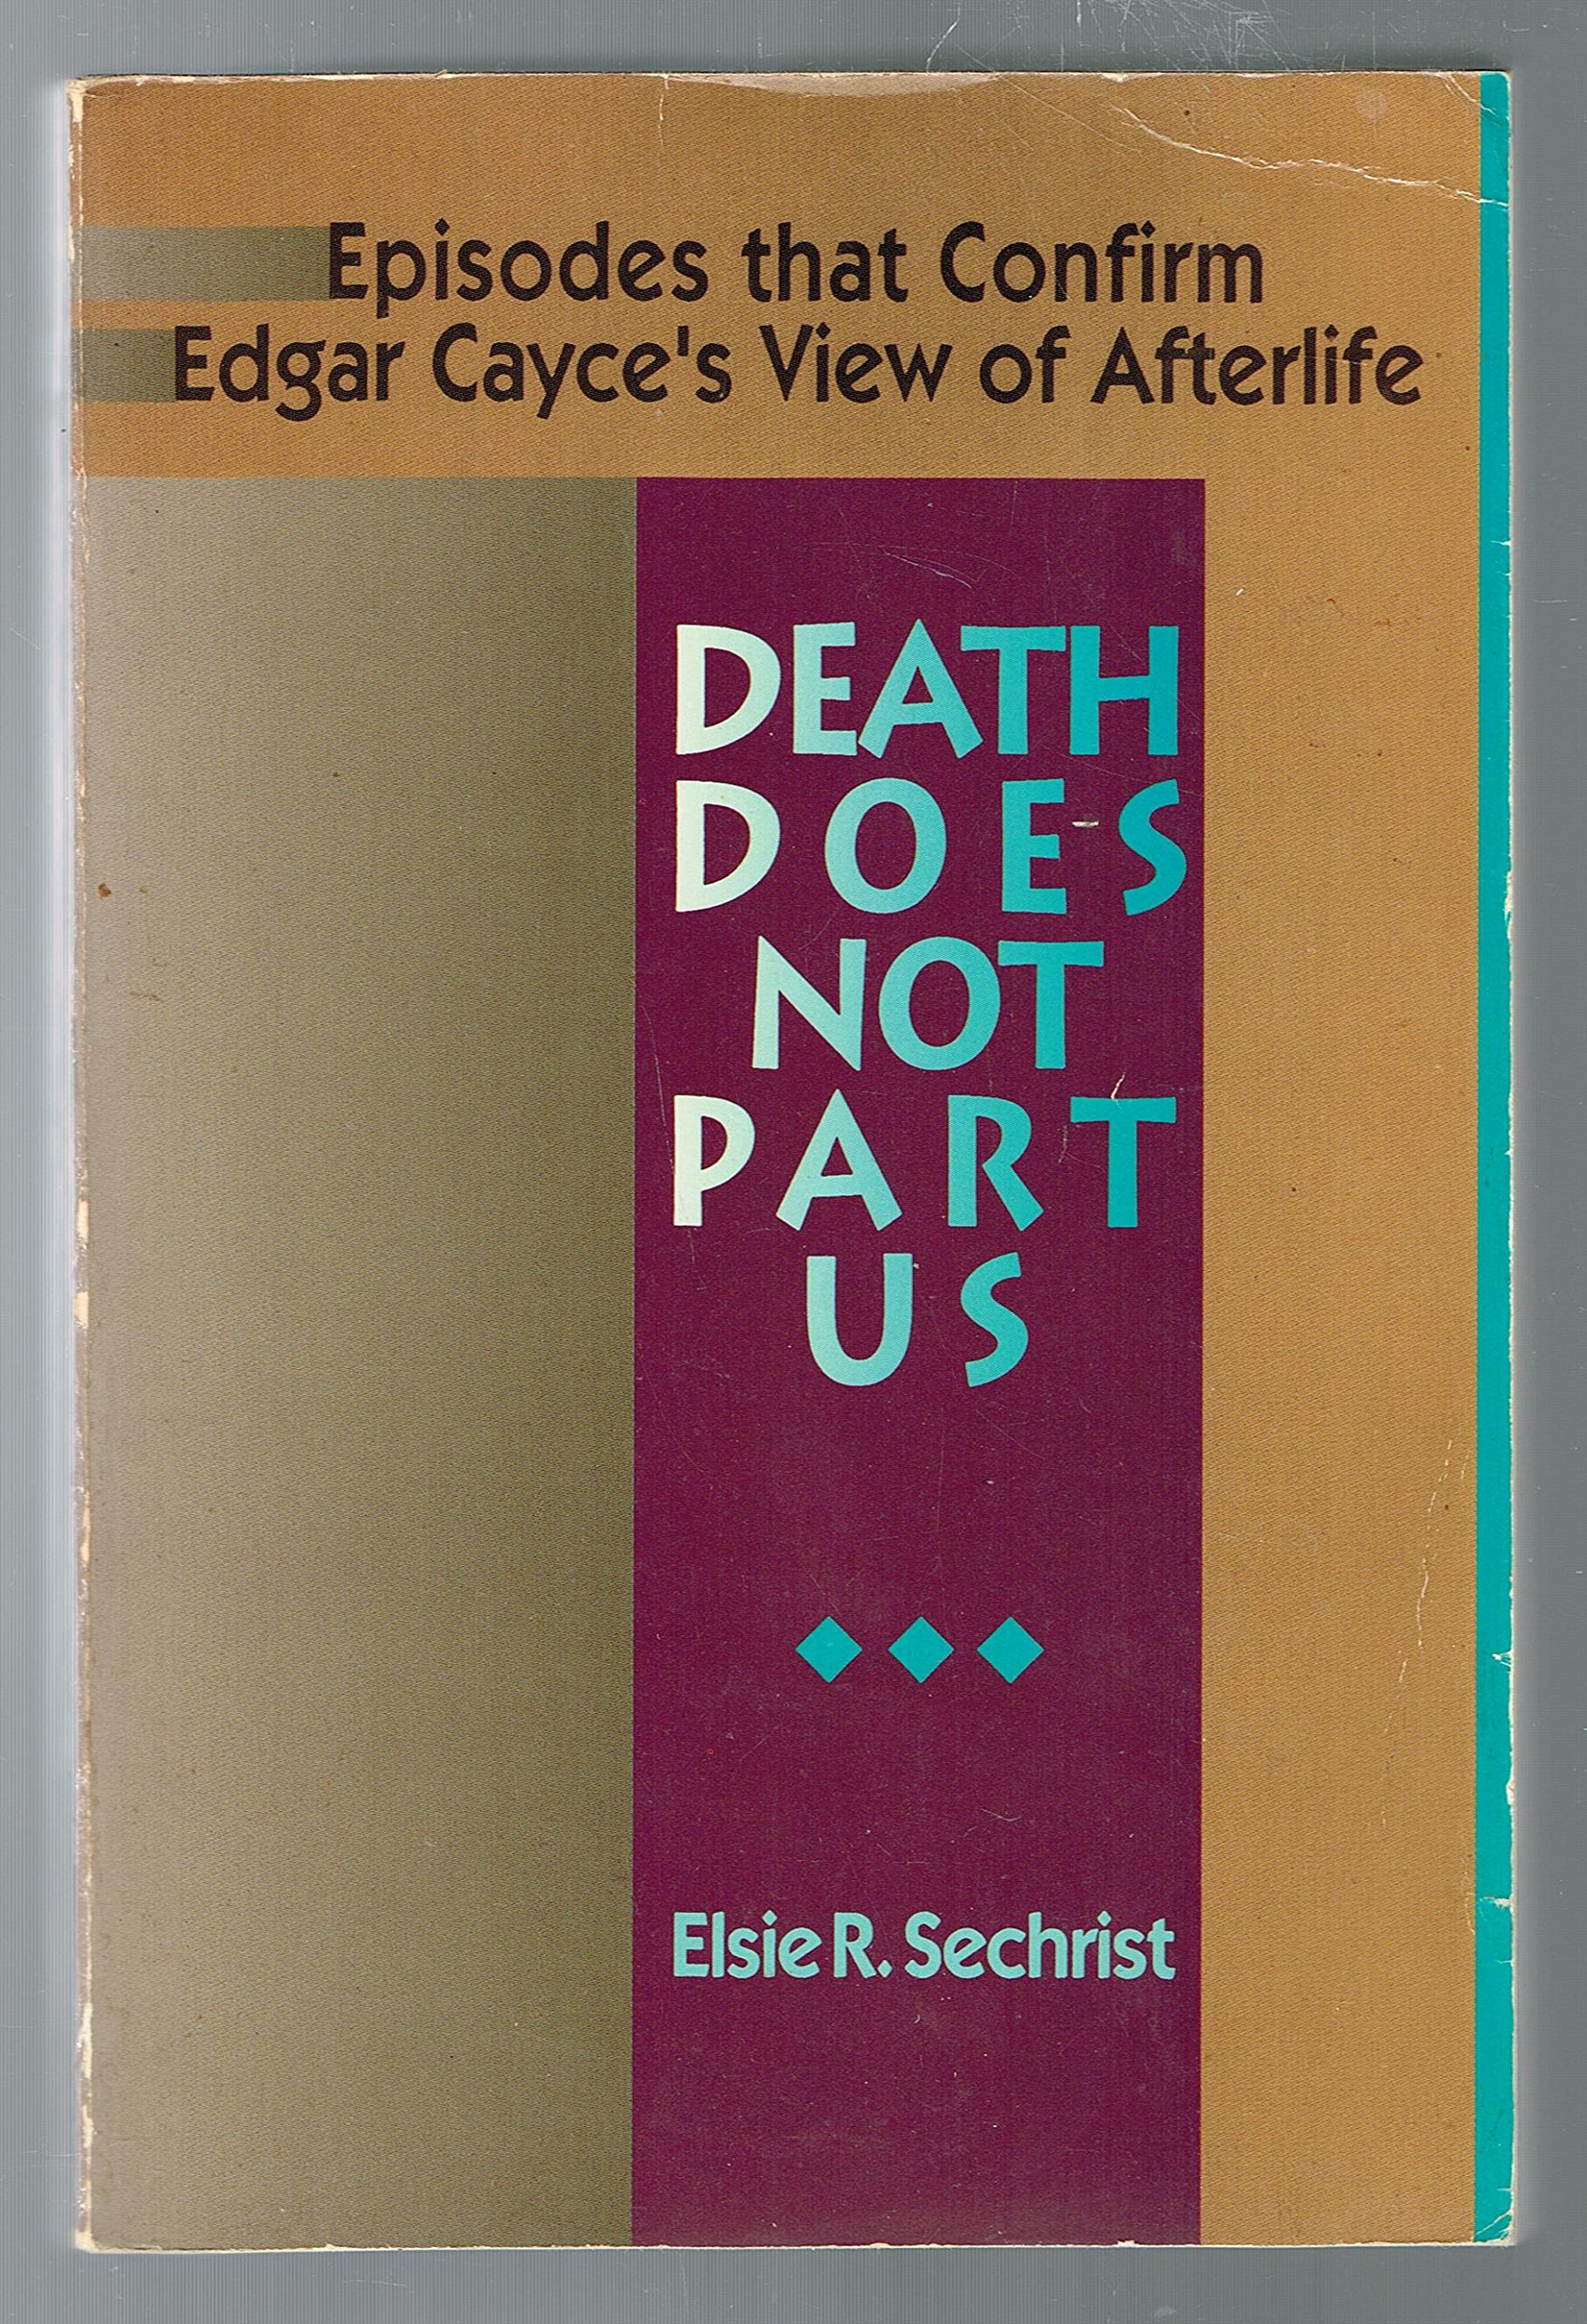 Amazon com: Death Does Not Part Us: Episodes that Confirm